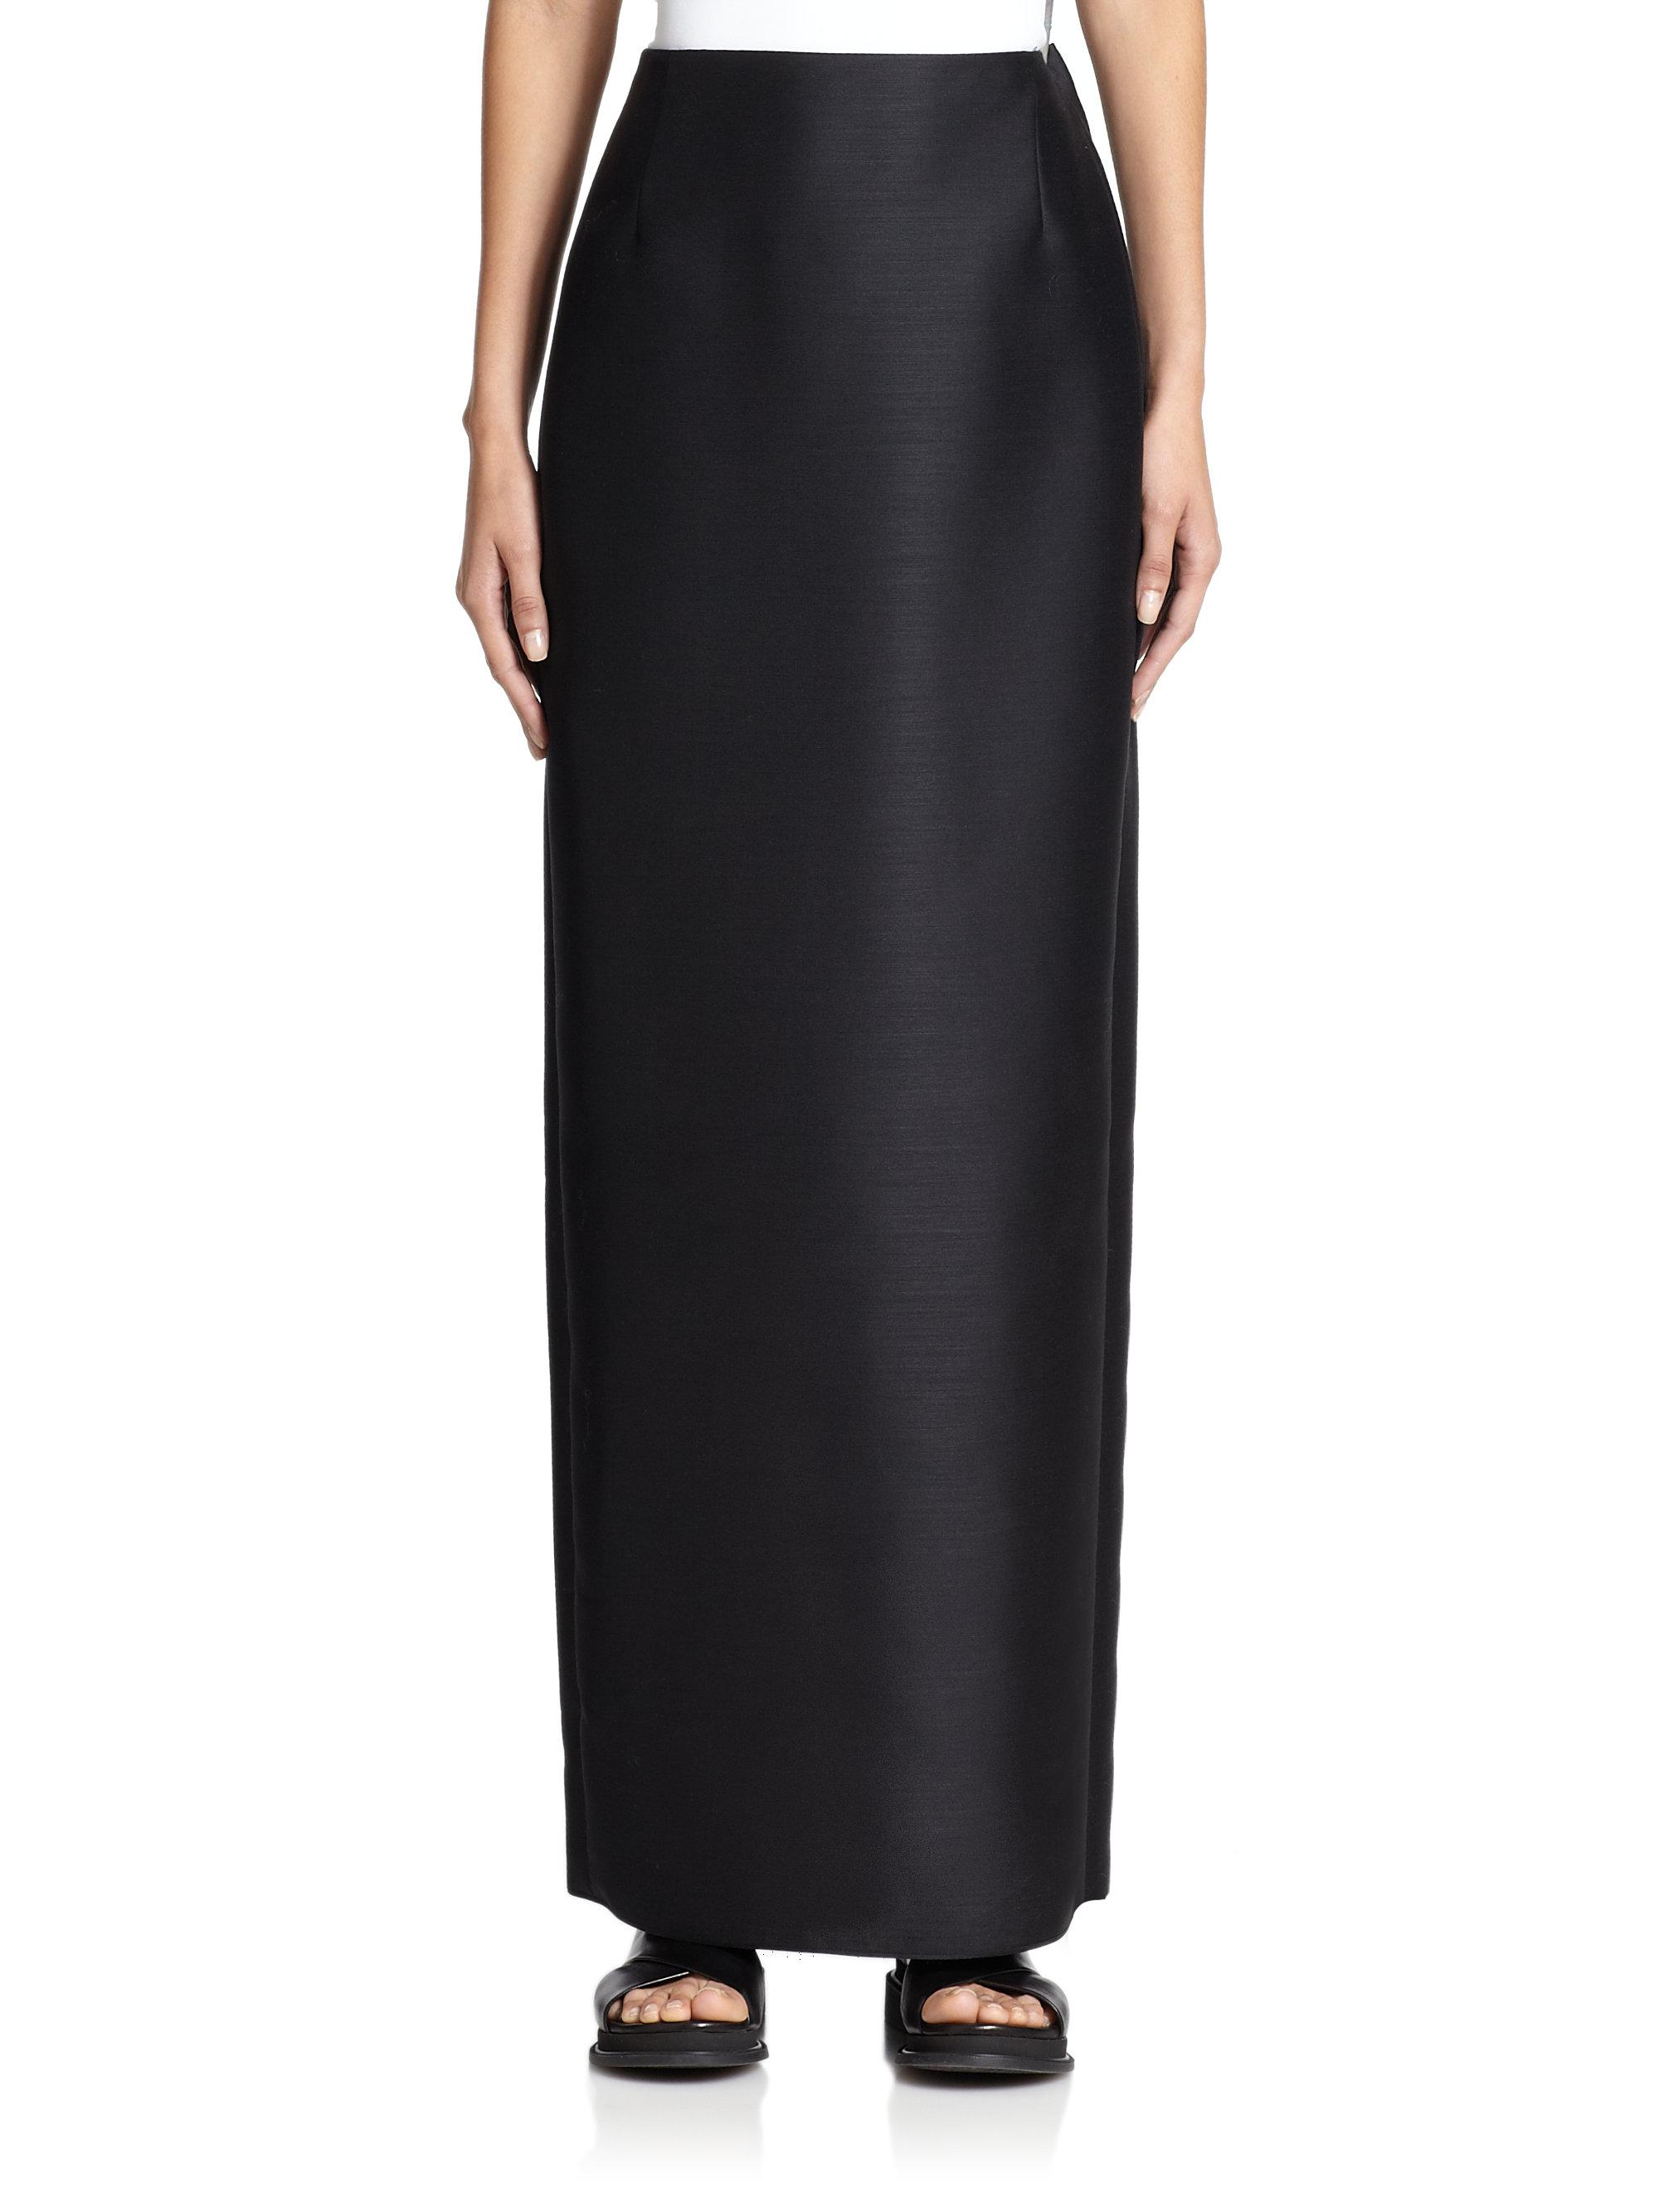 Floor Length Black Pencil Skirt_Black Dresses_dressesss